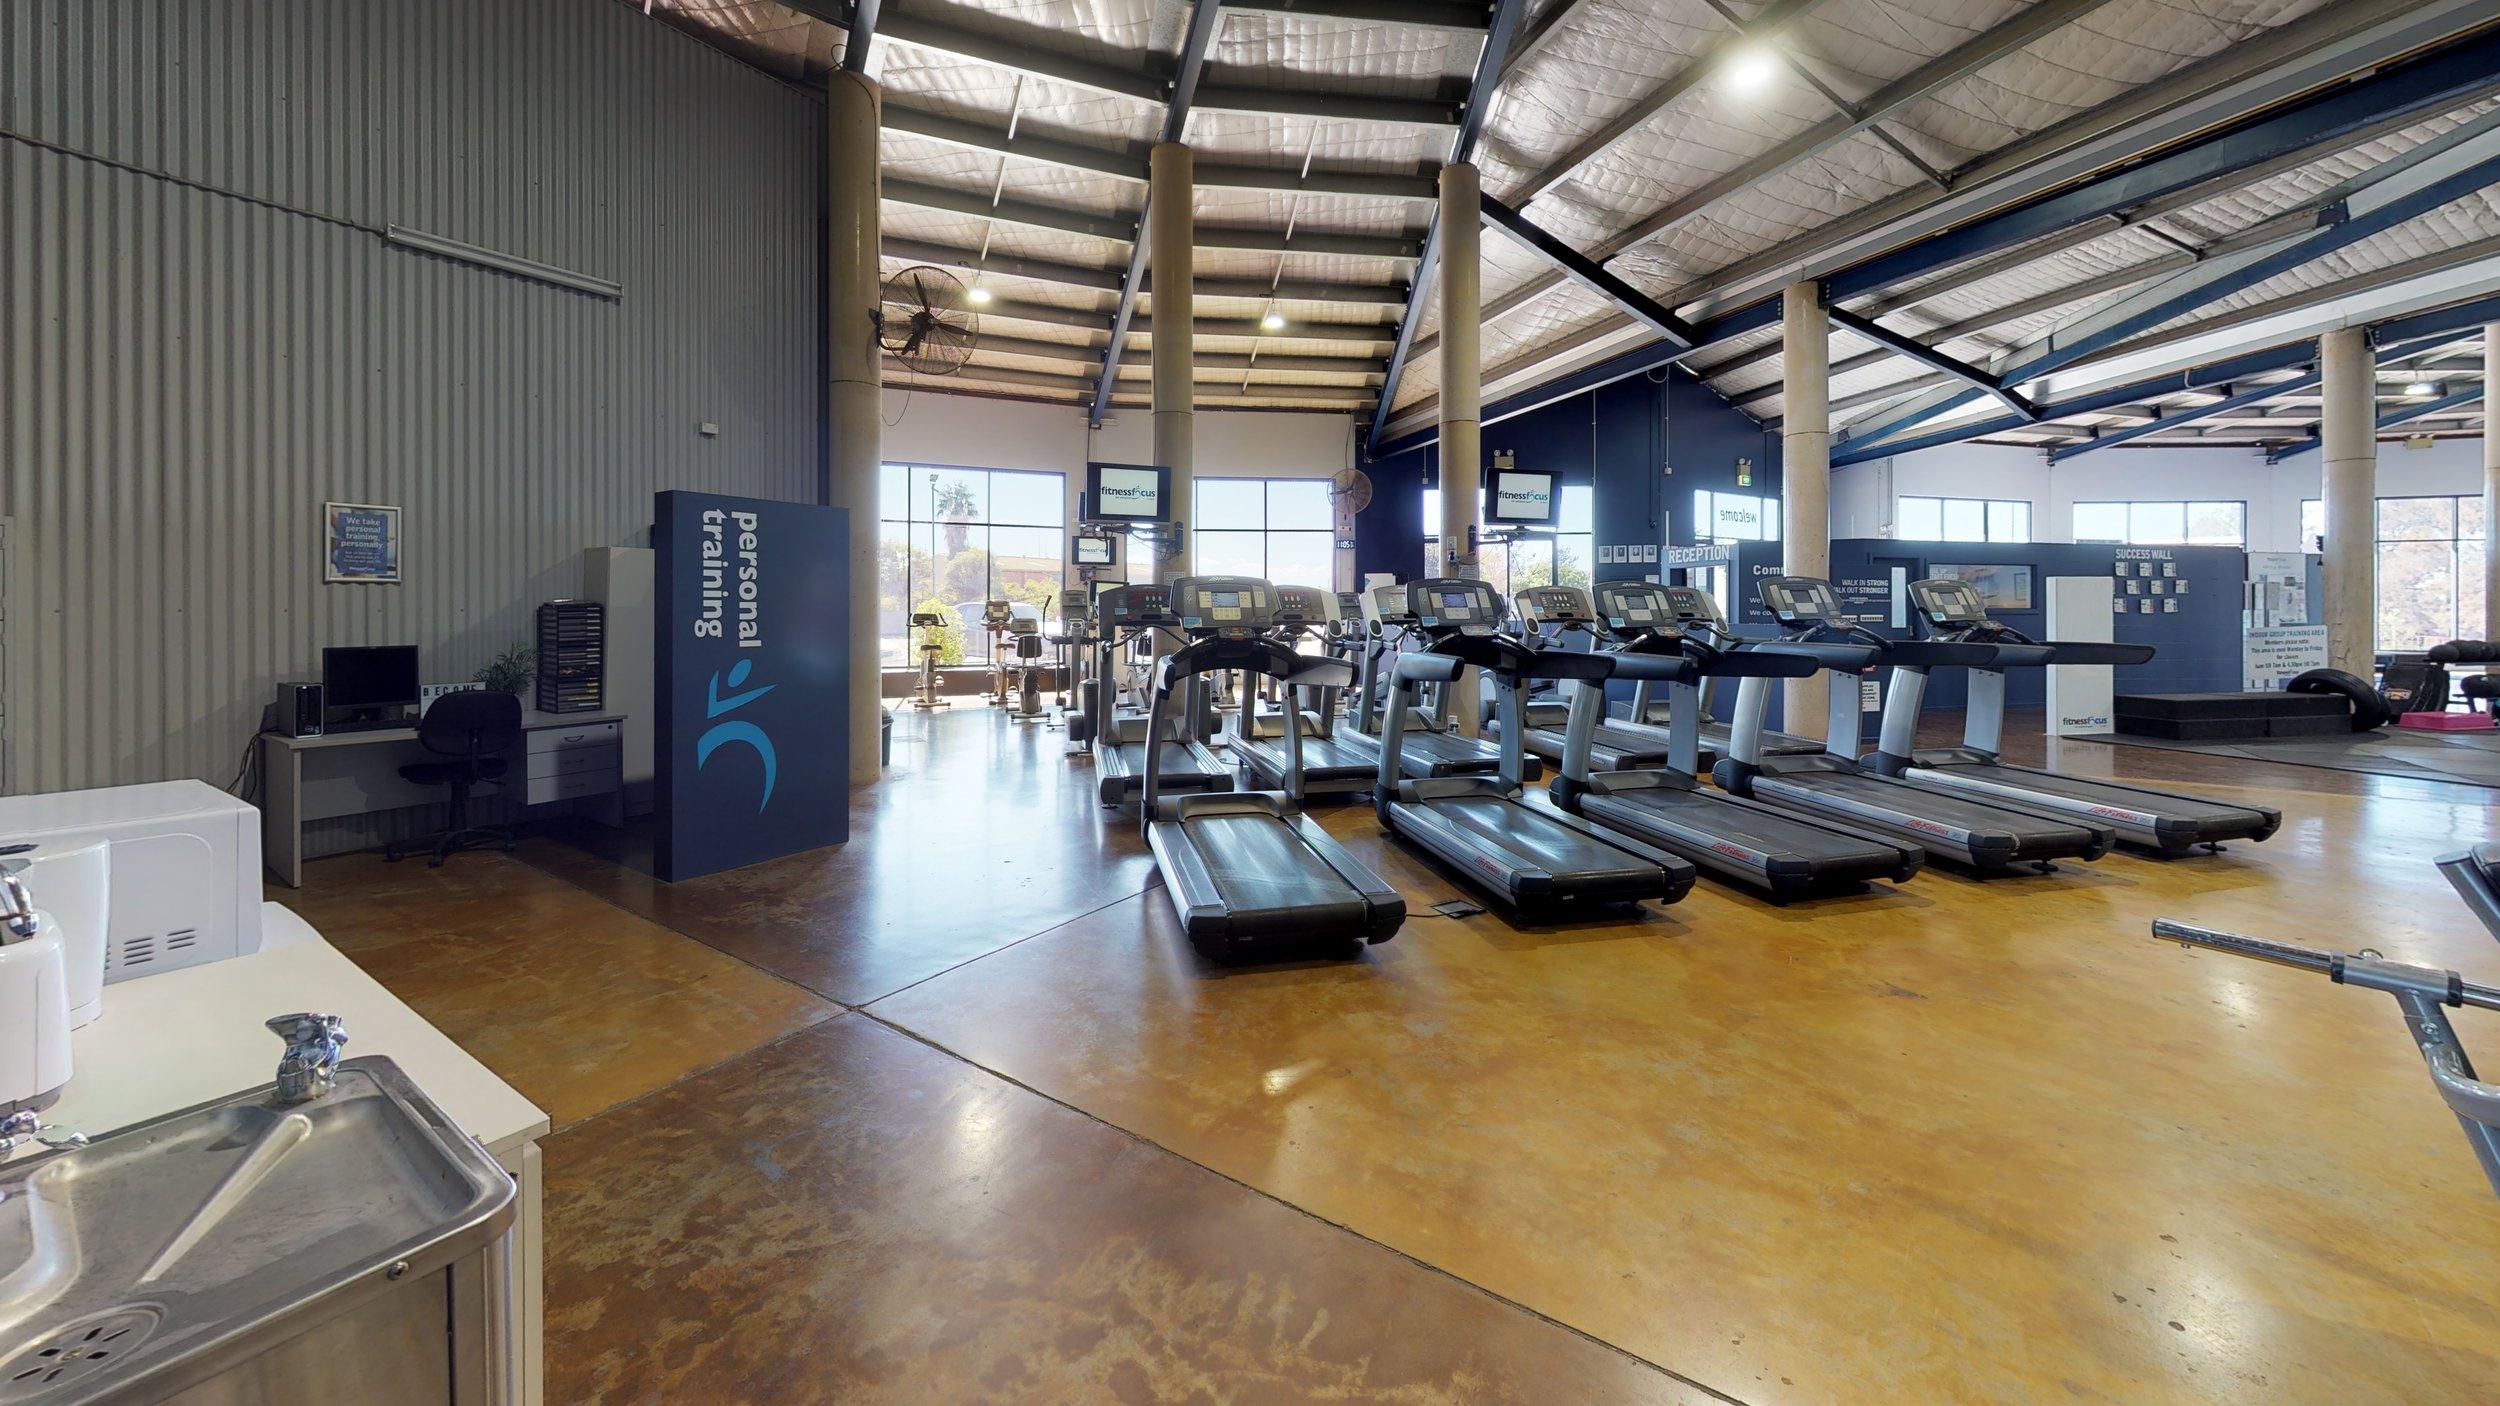 Fitness-Focus-Living-Room.jpg